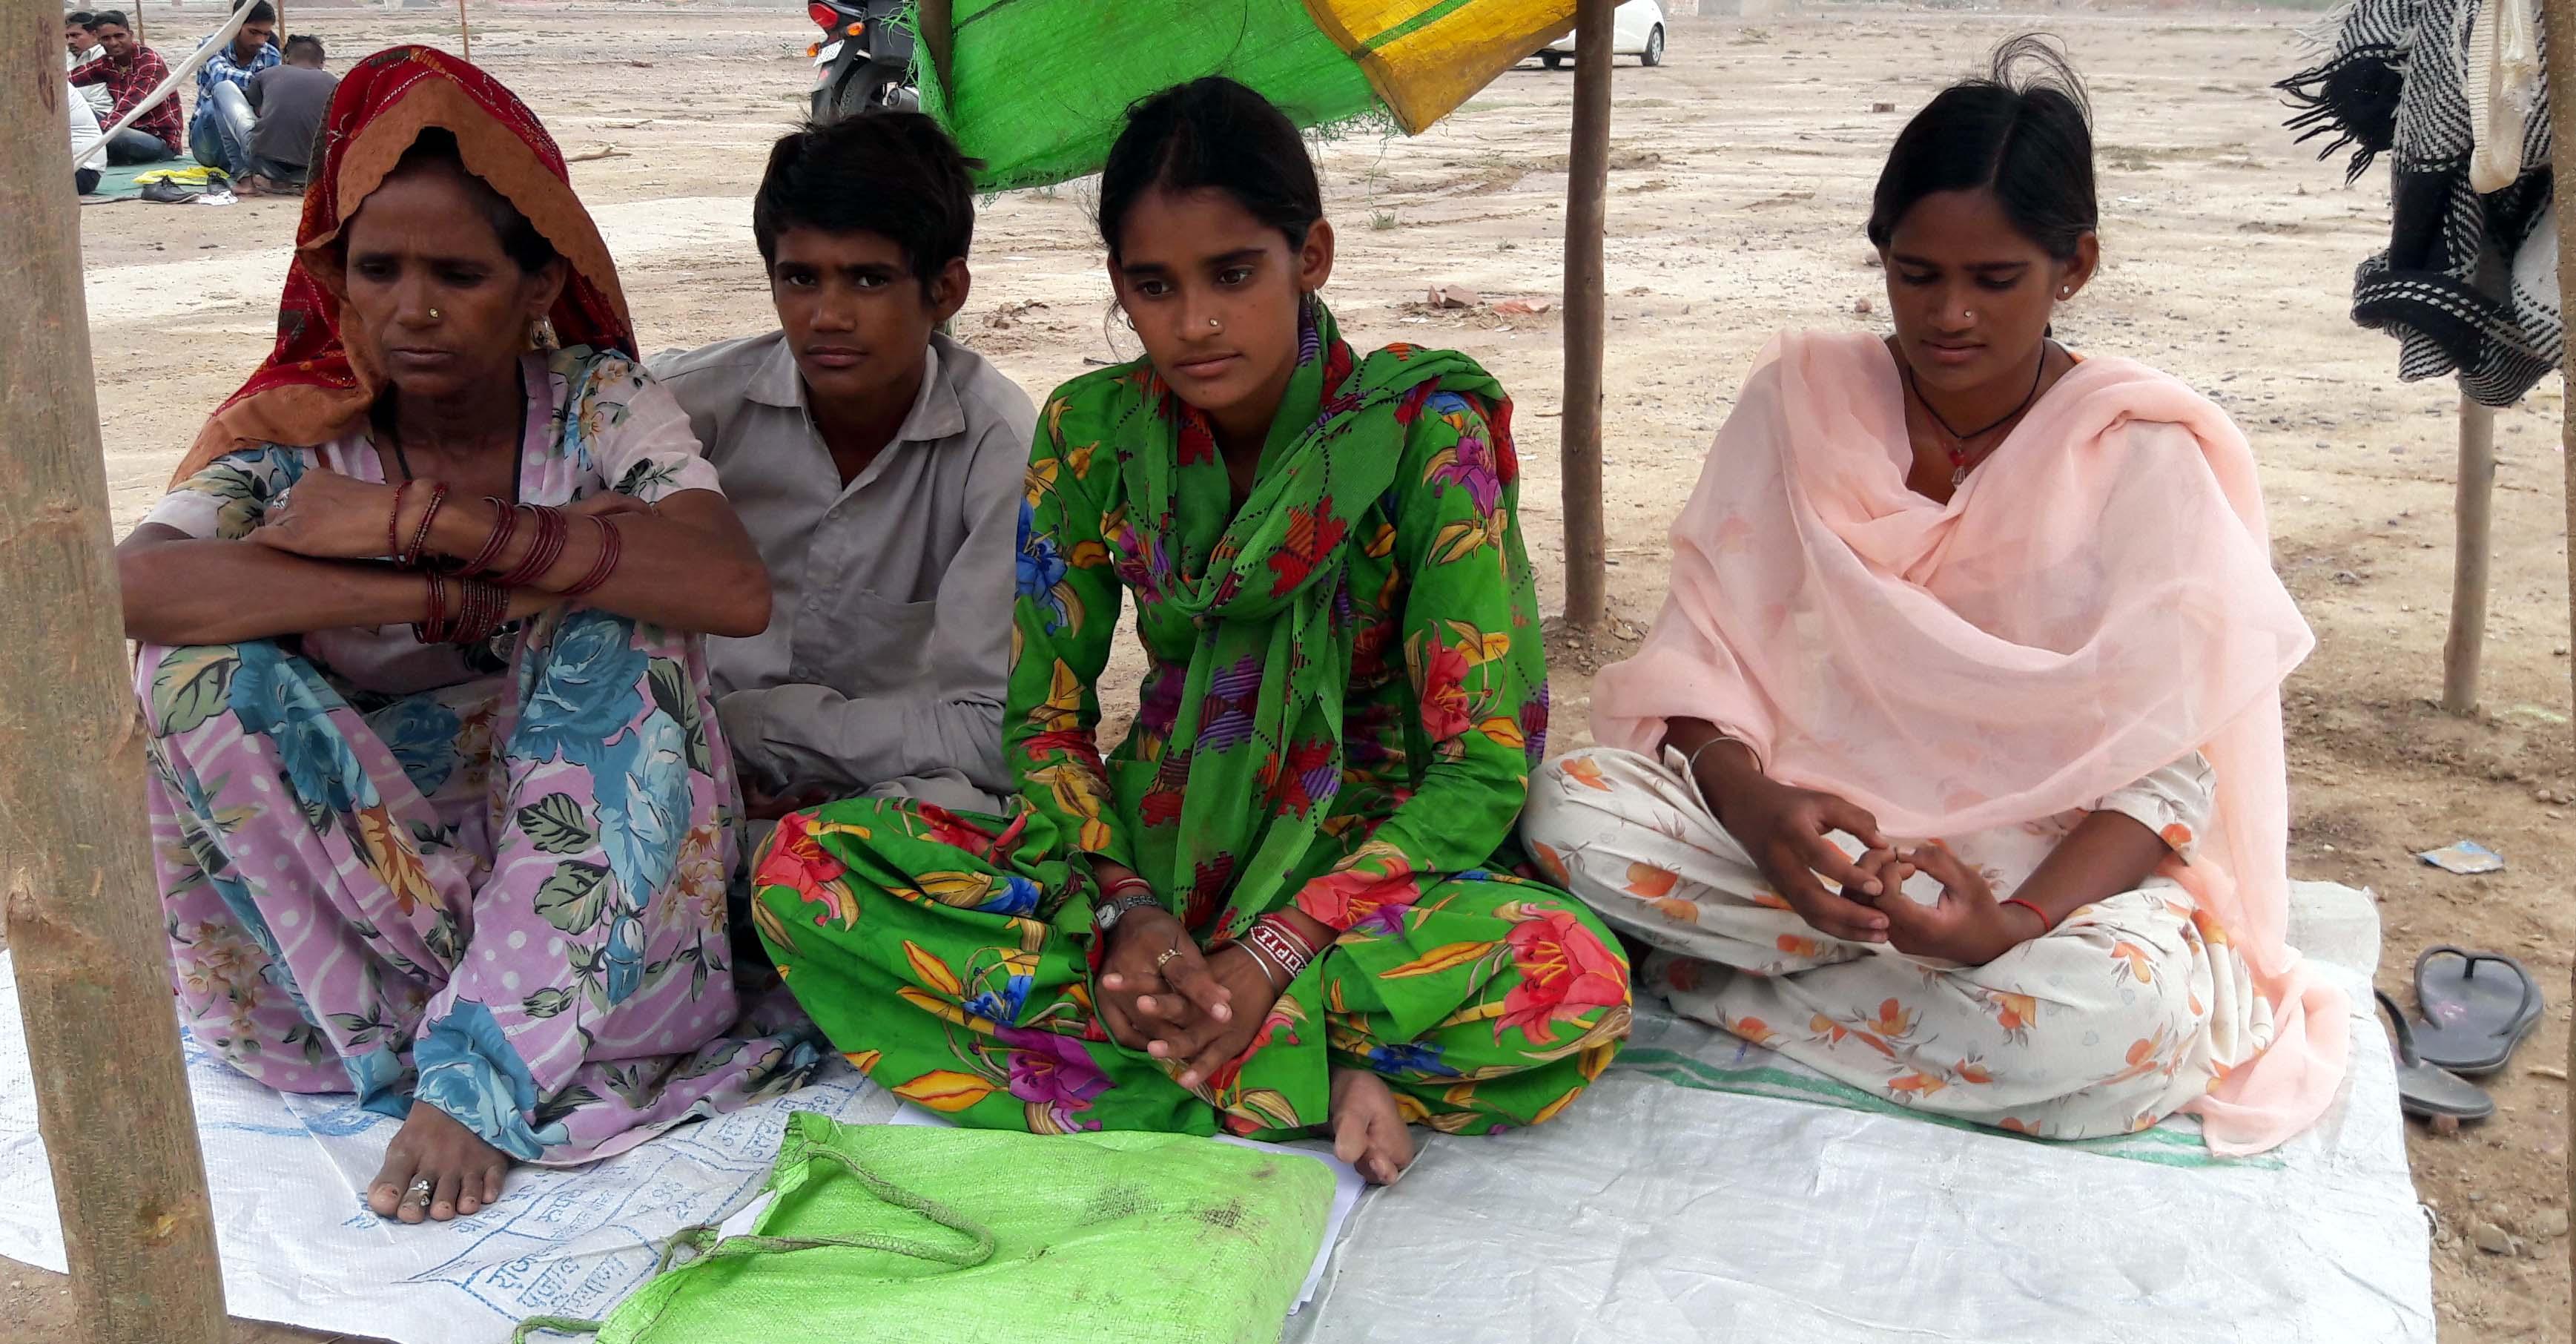 Woman, Strike, Children, Demand, Action, Former MLA, Rajasthan